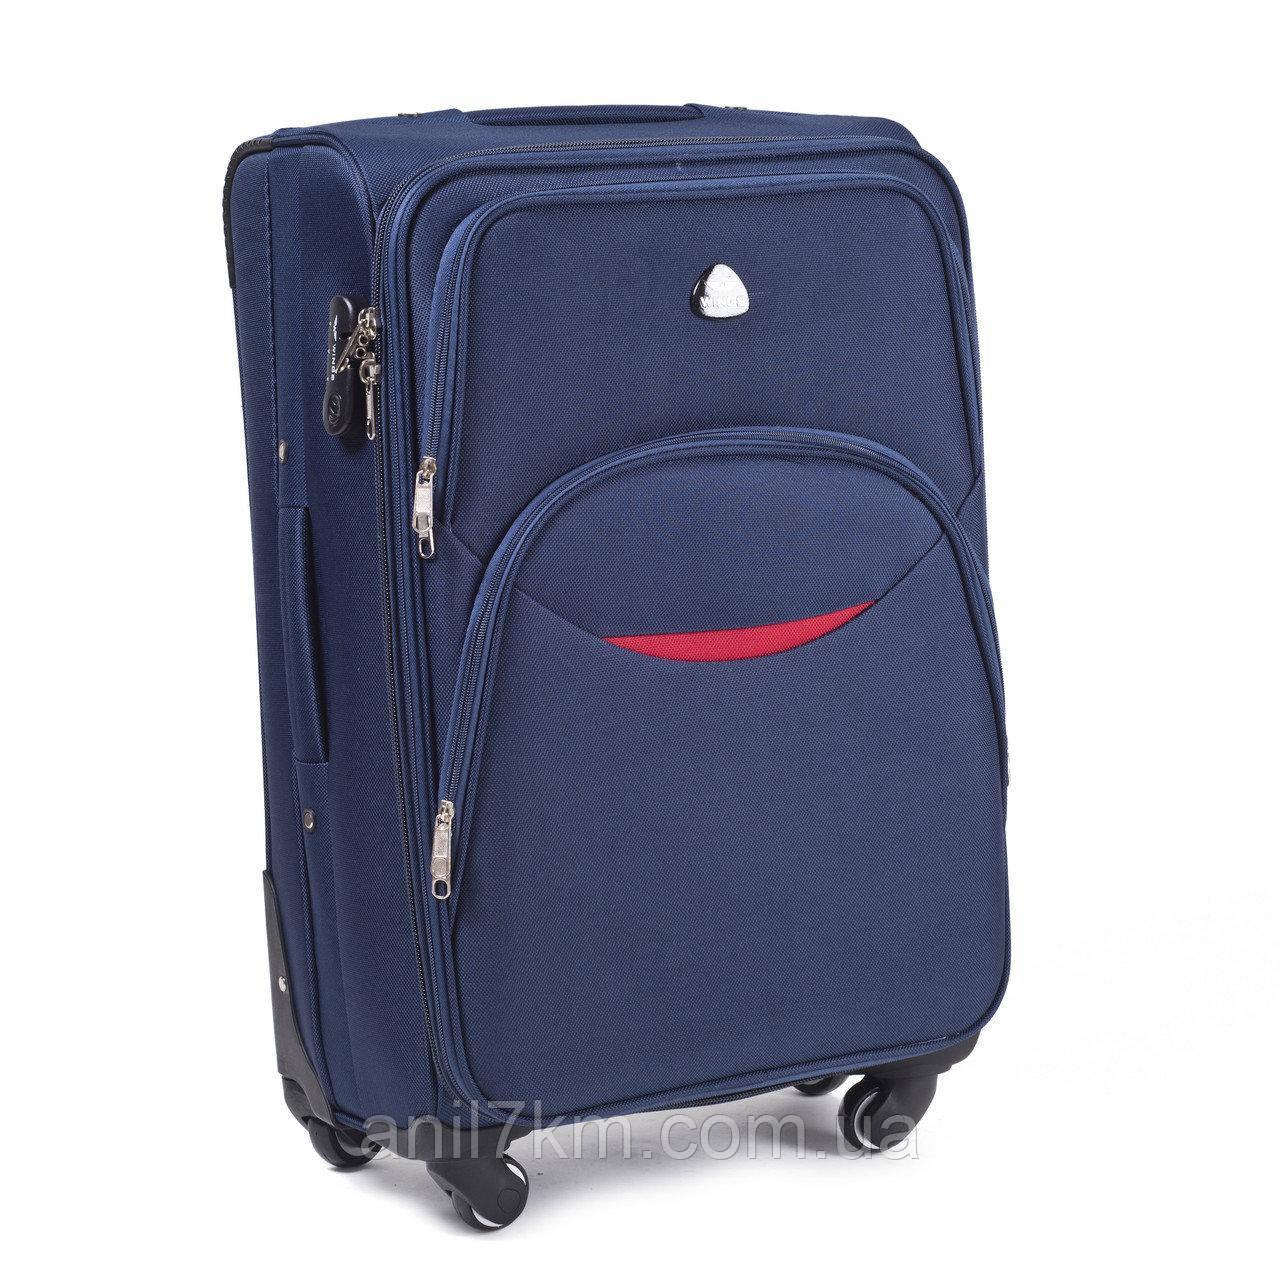 Великий дорожній чемодан на чотирьох колесах